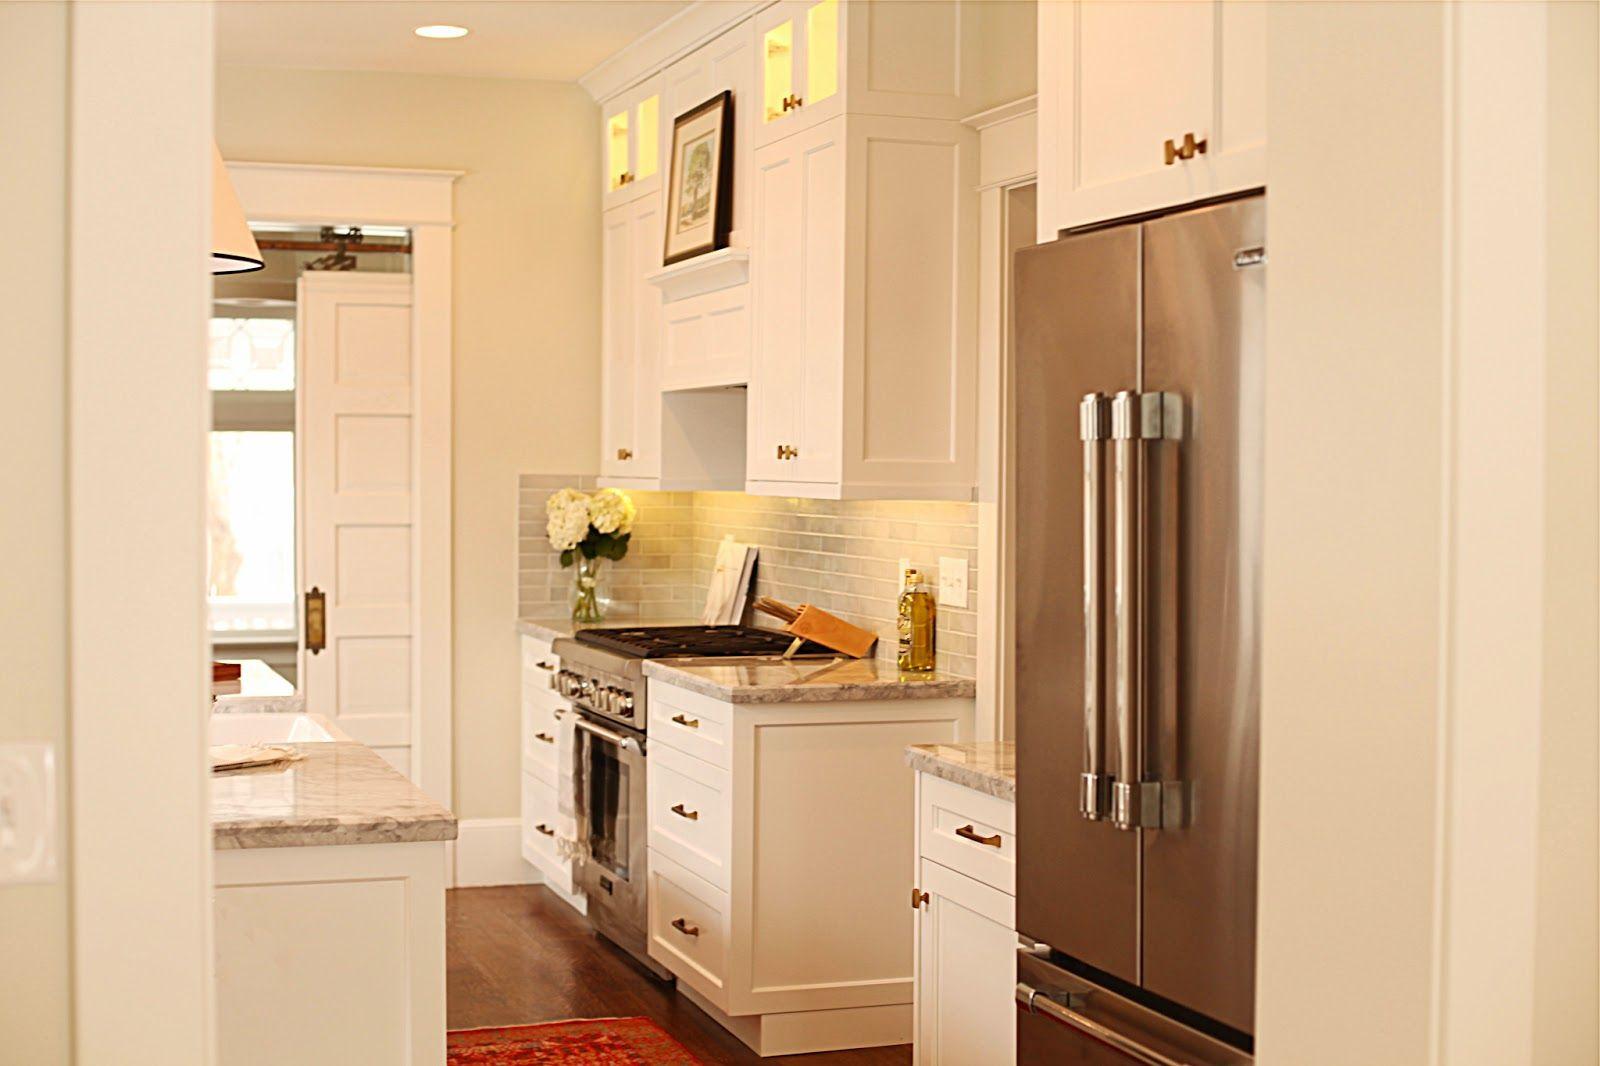 via WHITE + GOLD - Walls: BM Halo Cabinets and trim: BM White Dove ...